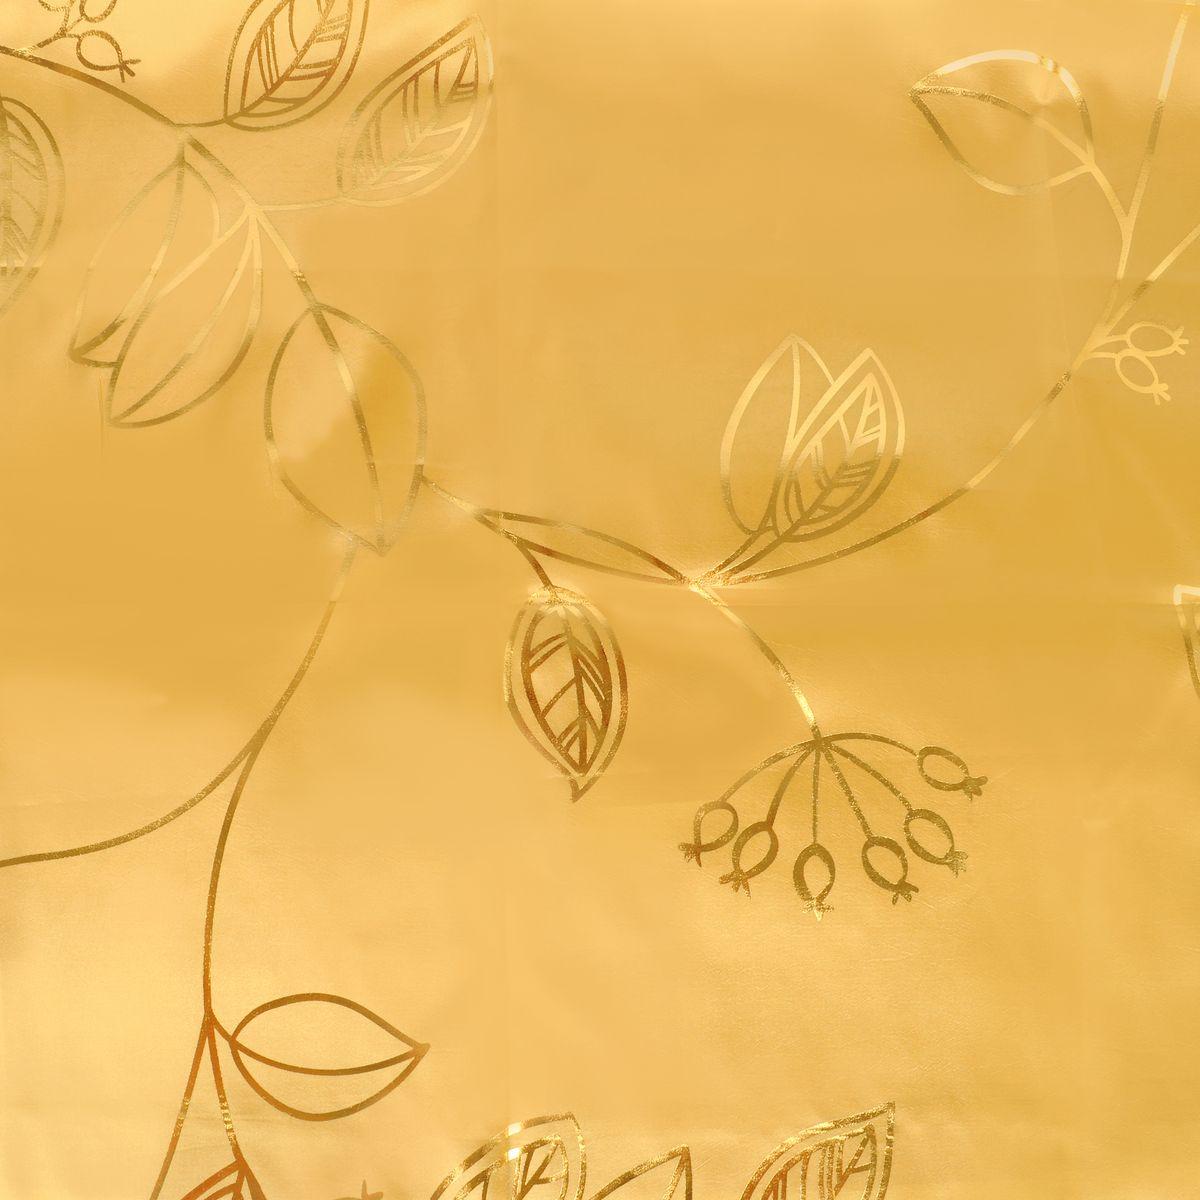 Штора Home Queen Металлик, на люверсах, цвет: золотистый, ширина 142, высота 275 см. 6502365023Изящная штора Home Queen Металлик выполнена из полиэстера. Плотная ткань, приятная цветовая гамма и оригинальный металлизированный рисунок привлекут к себе внимание и органично впишутся в интерьер помещения. Эта штора будет долгое время радовать вас и вашу семью!Штора крепится на карниз при помощи люверсов.Диаметр отверстия люверса: 4 см.